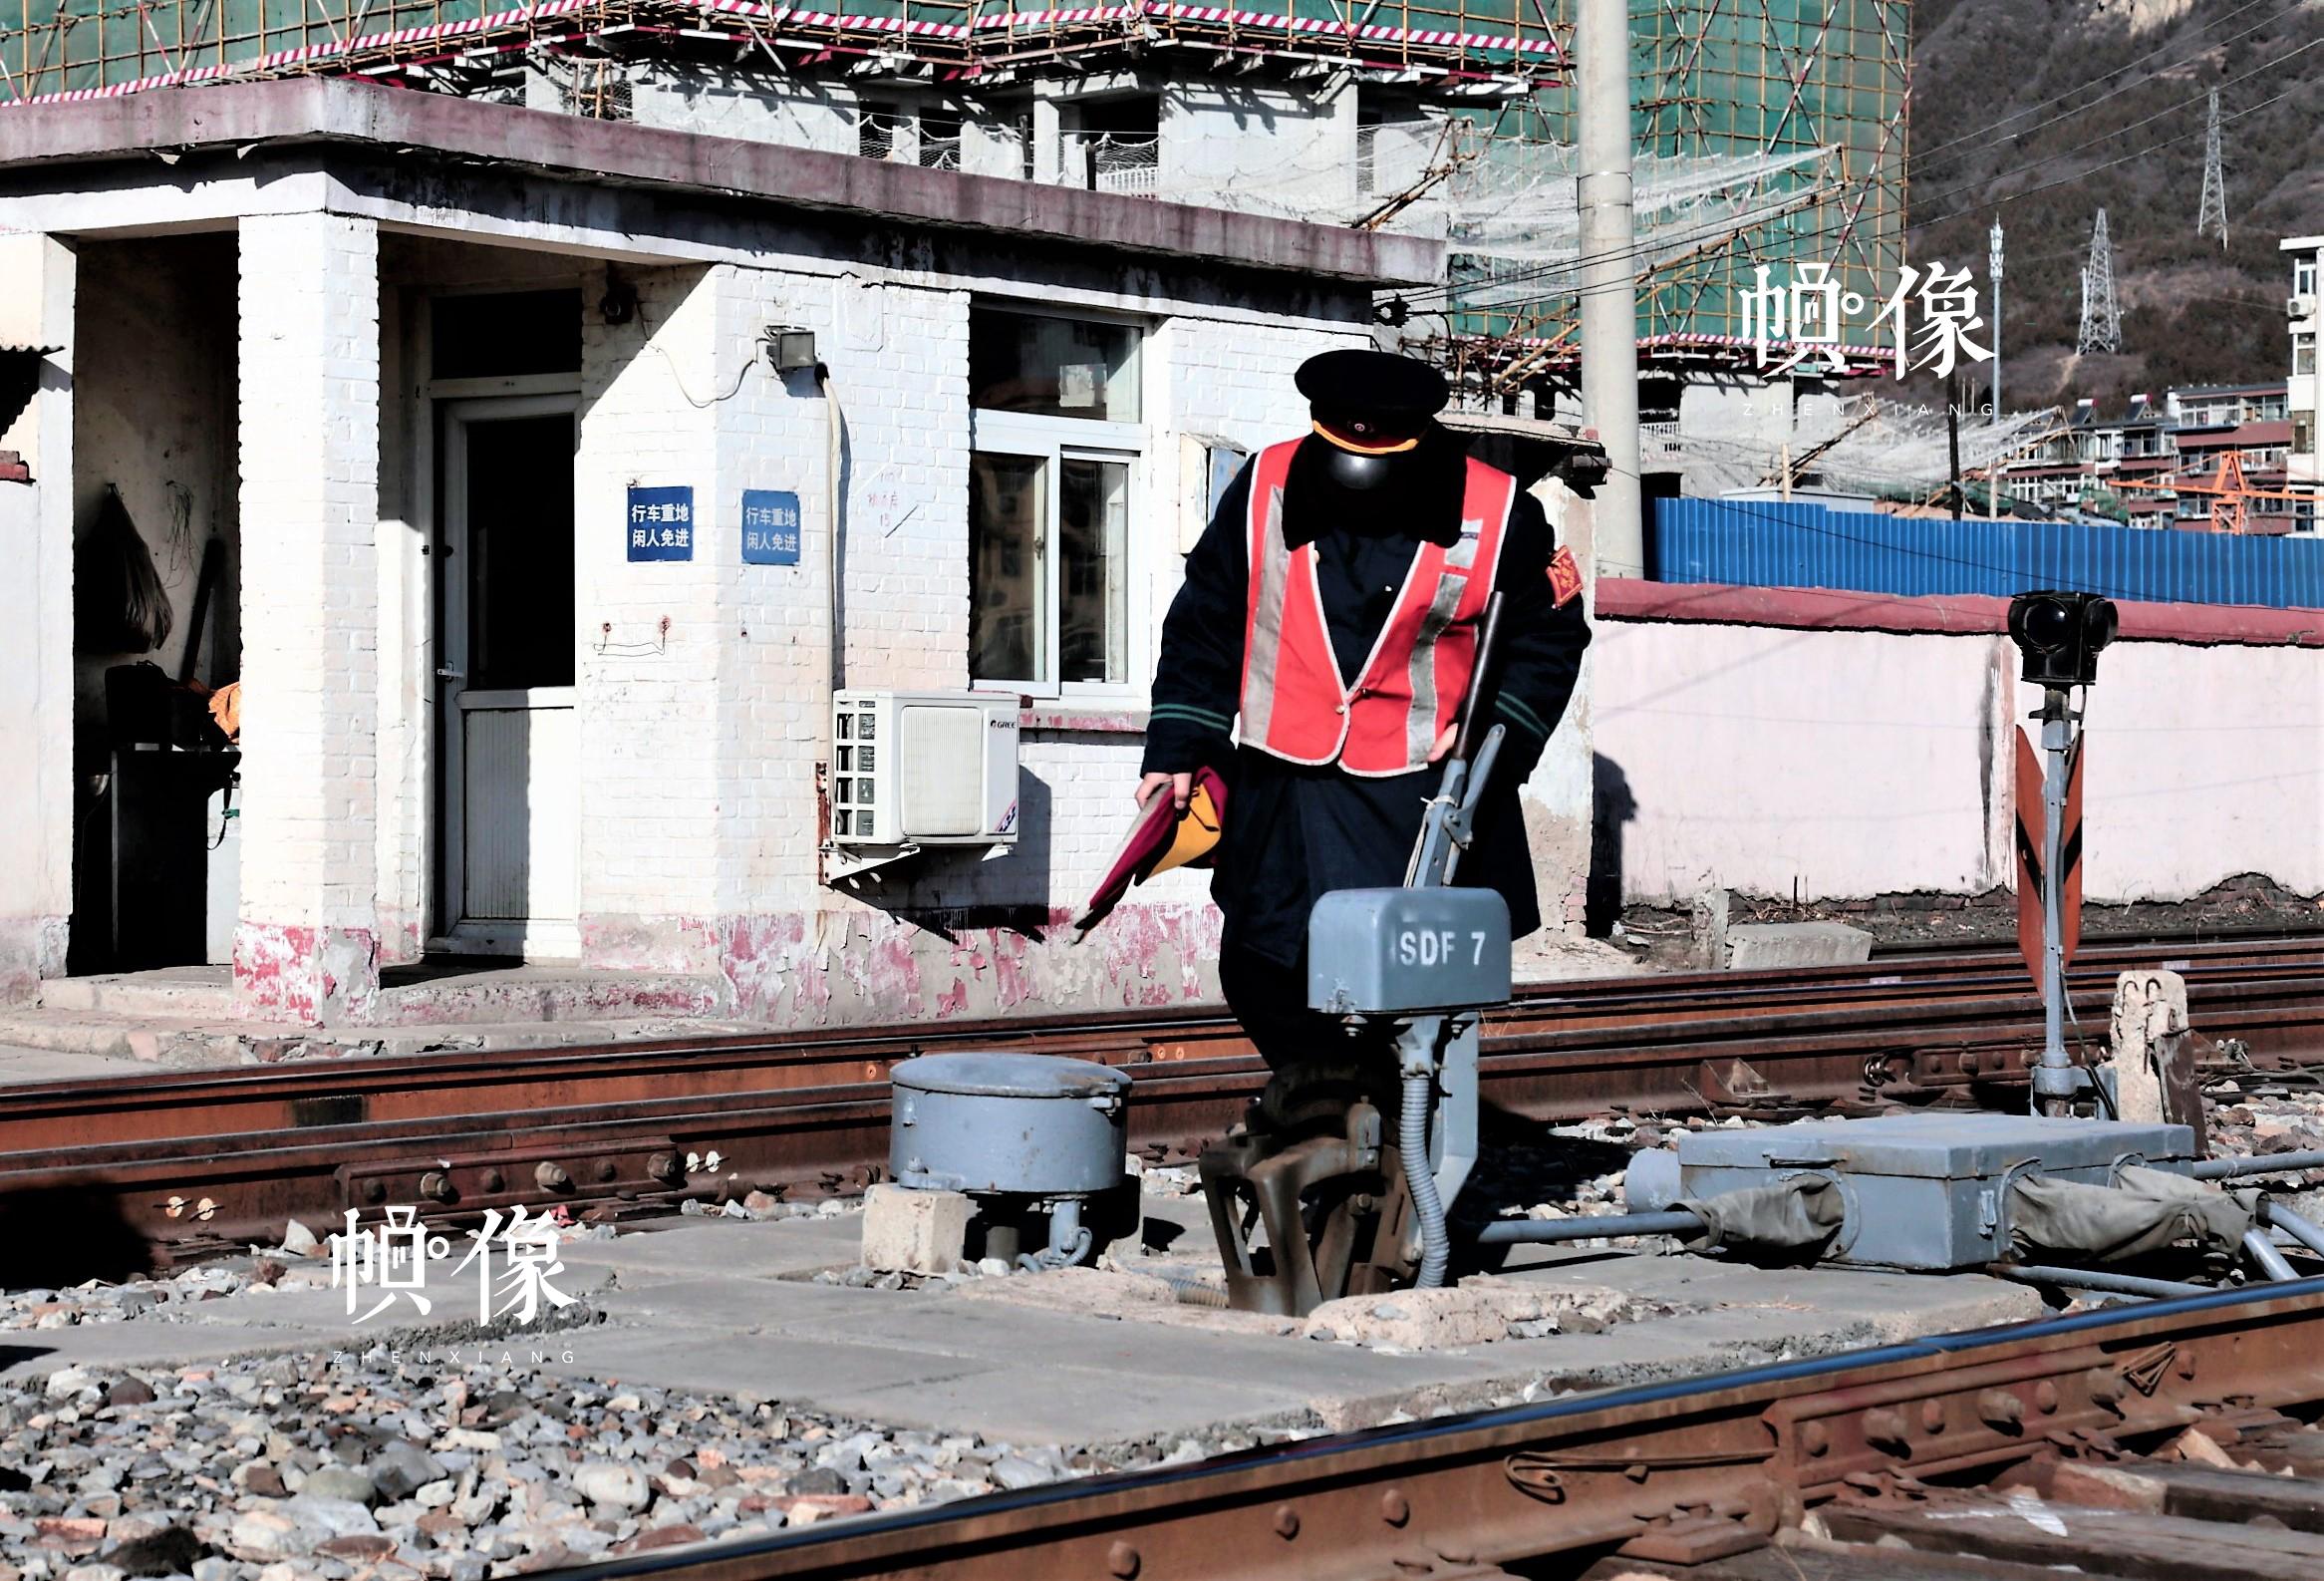 铁路扳道员张军检查铁轨情况。中国网记者 仝选 摄